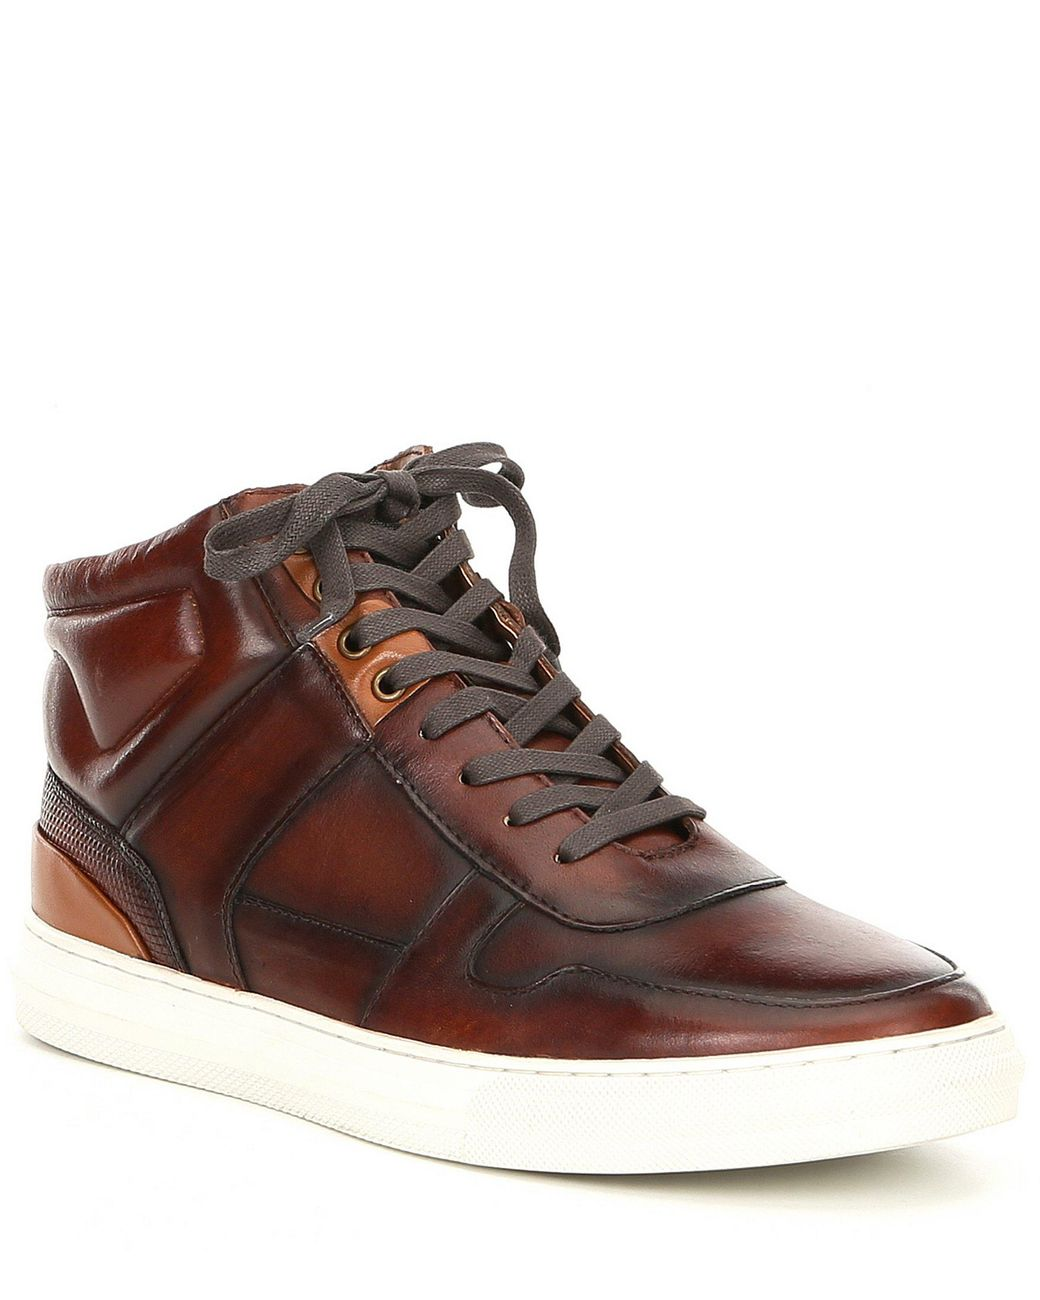 21b2613e2d1 Brown Men's Shoutout Sneaker